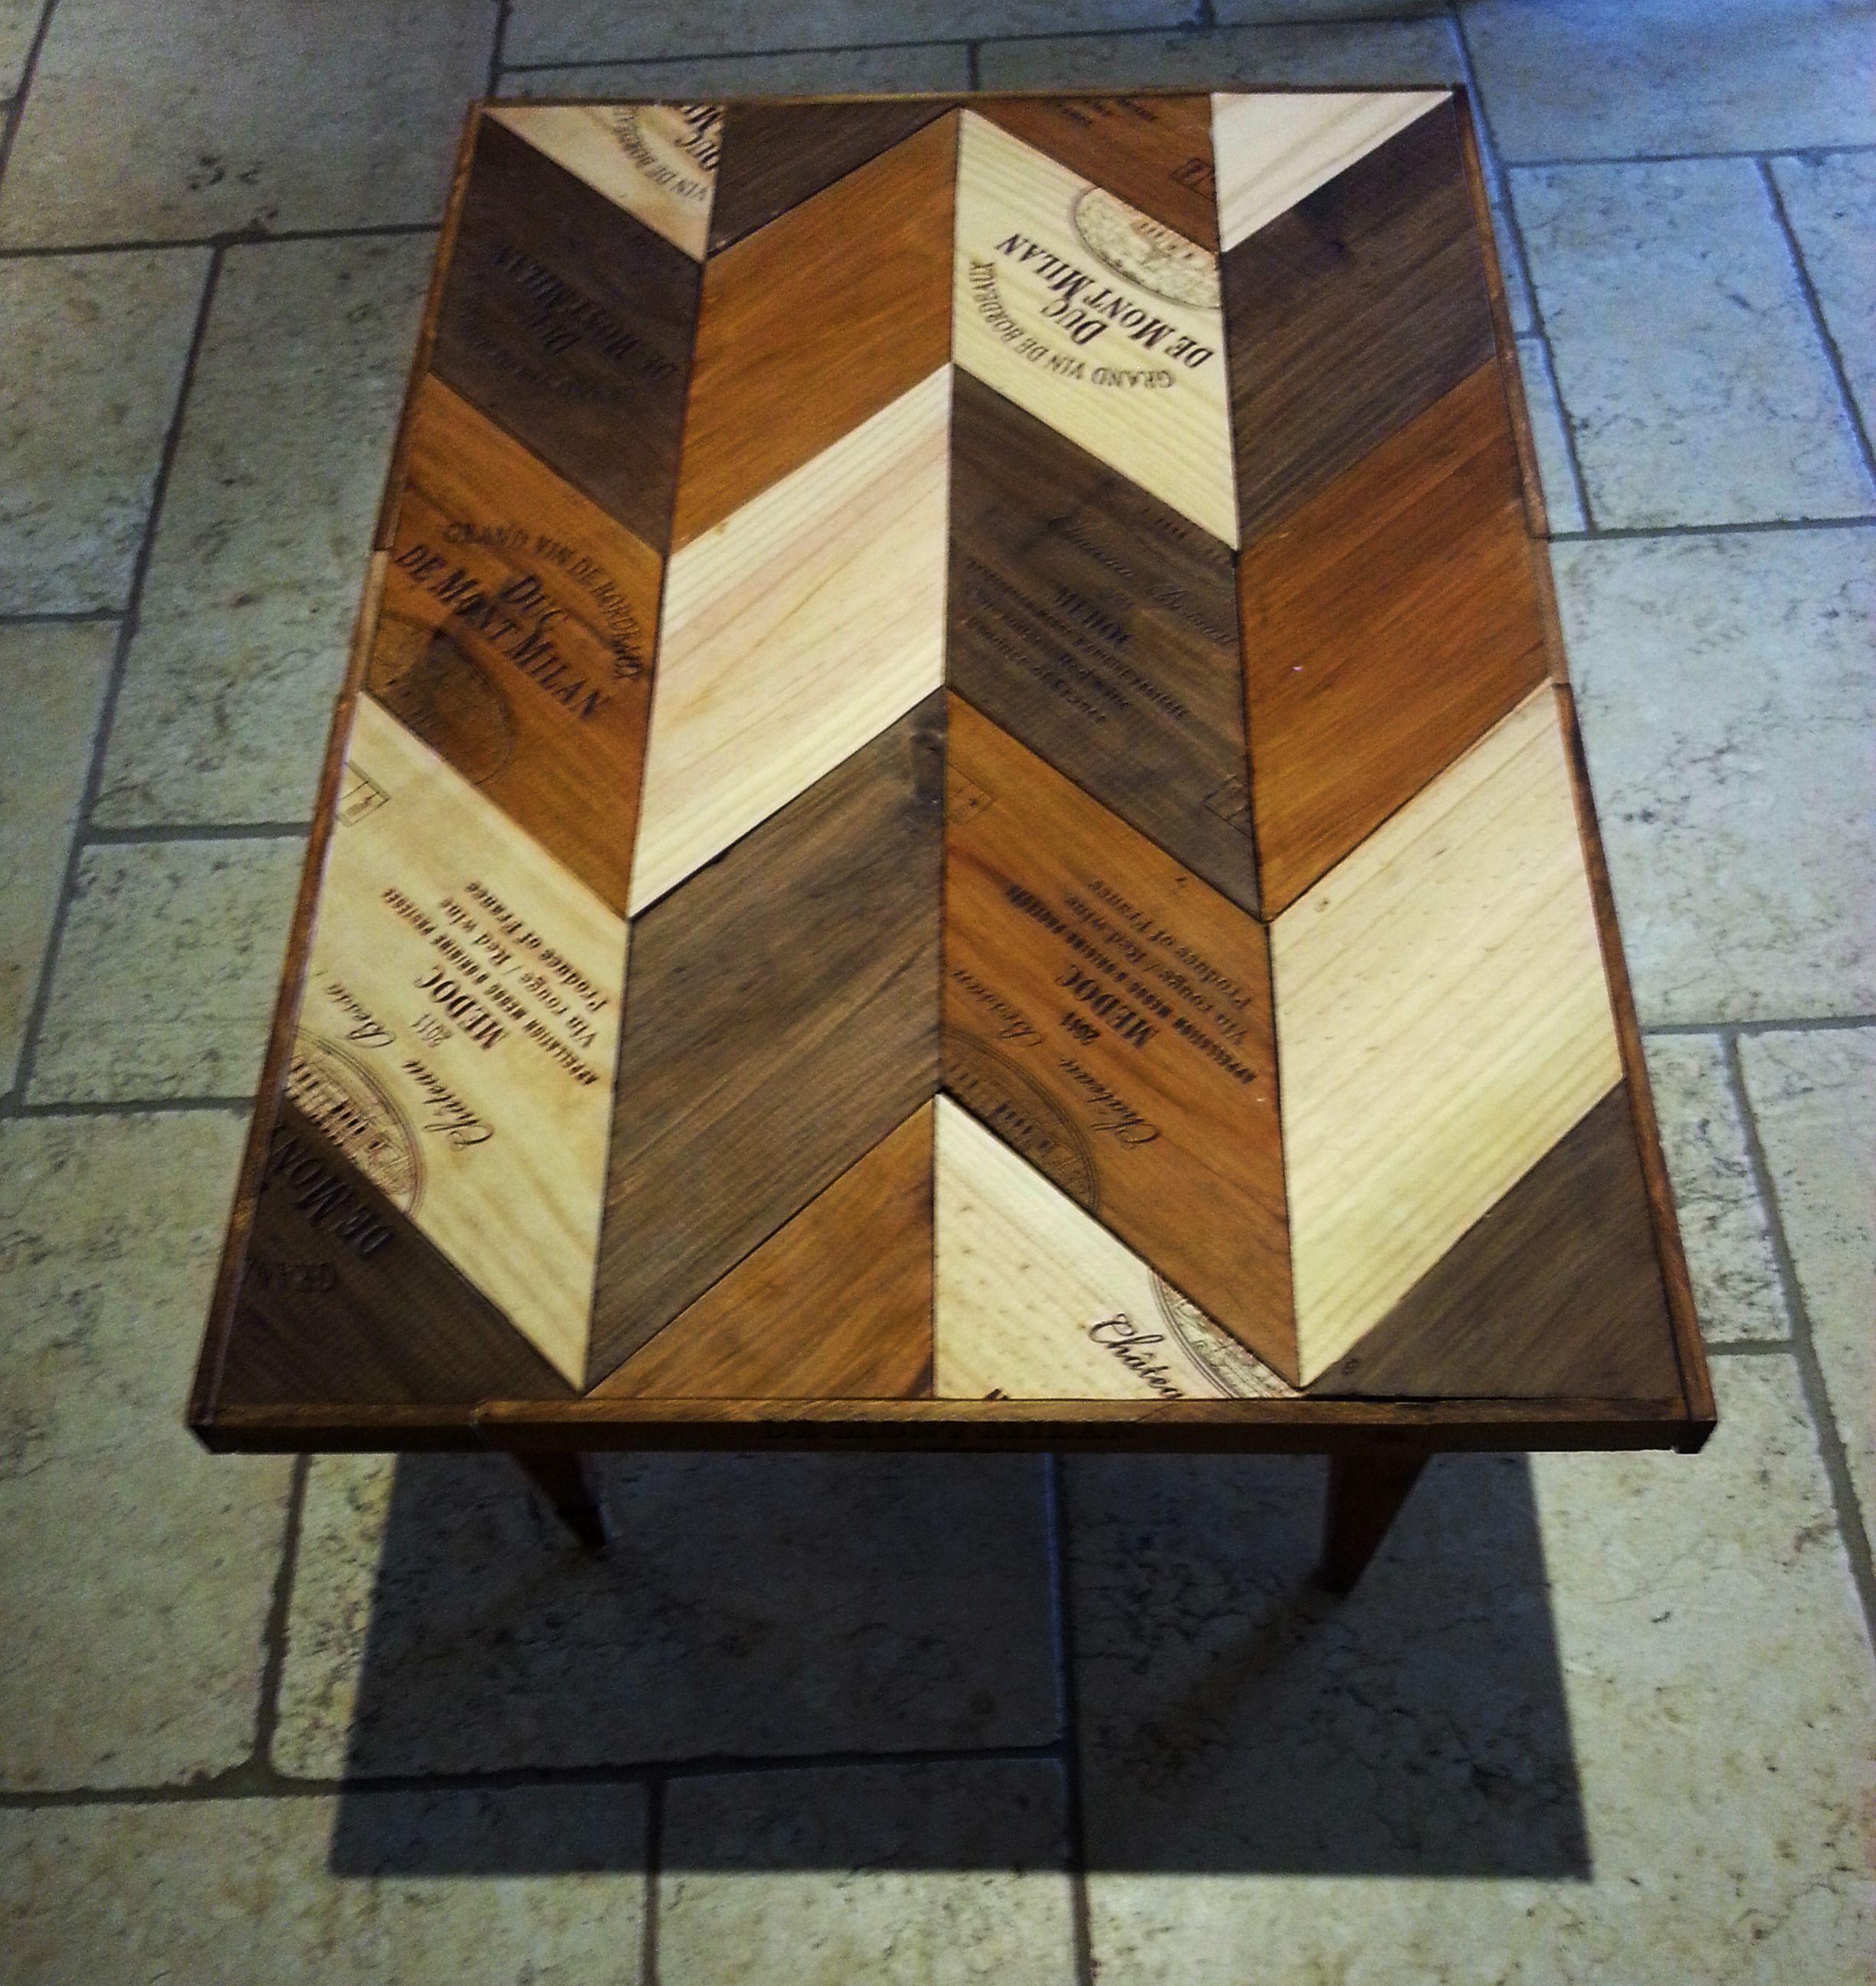 Chevet salle de lecture hall salon salon avec blanc de table de plumes - Table Basse Chevron Bois Caisses De Vin